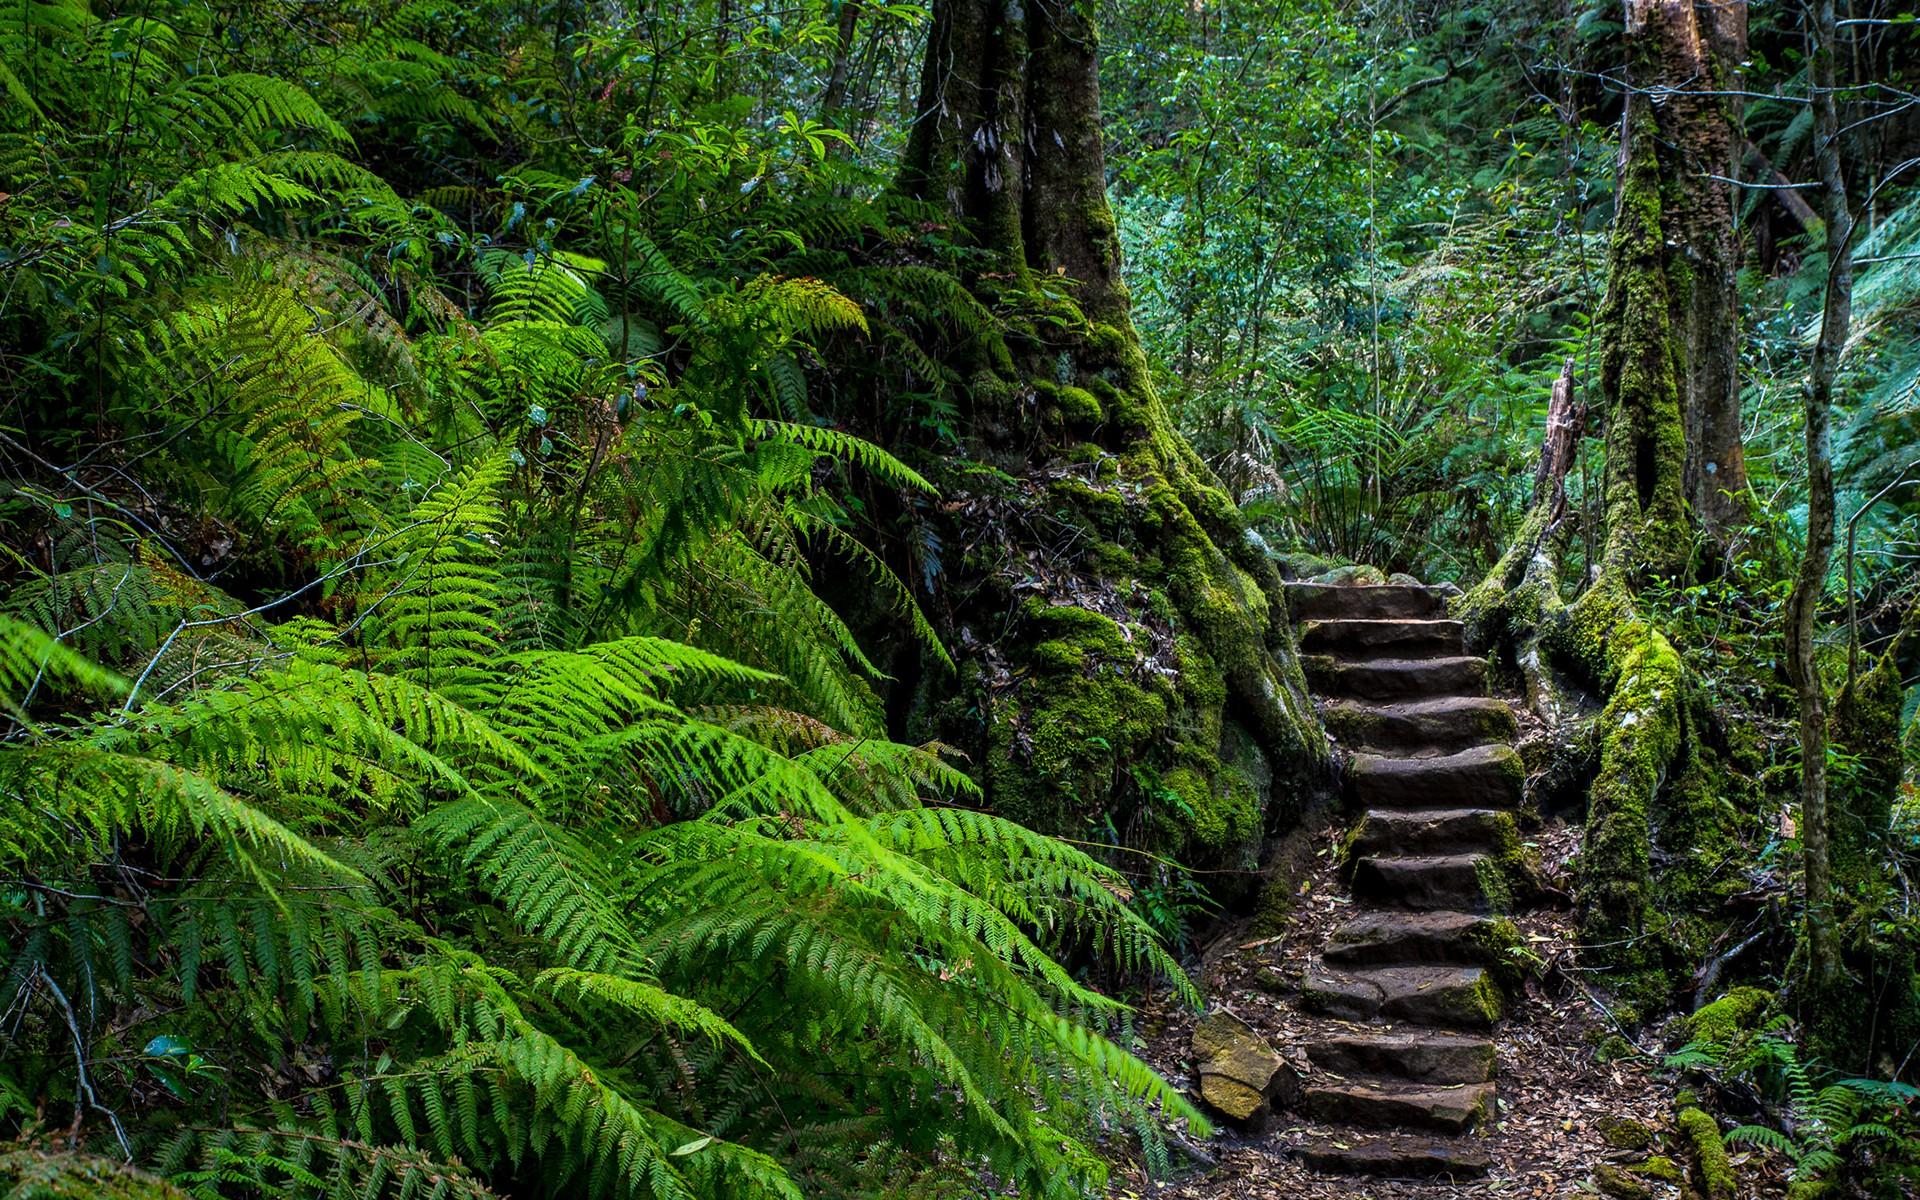 fond d 39 cran la nature vert les foug res r gion sauvage escaliers jungle for t tropicale. Black Bedroom Furniture Sets. Home Design Ideas